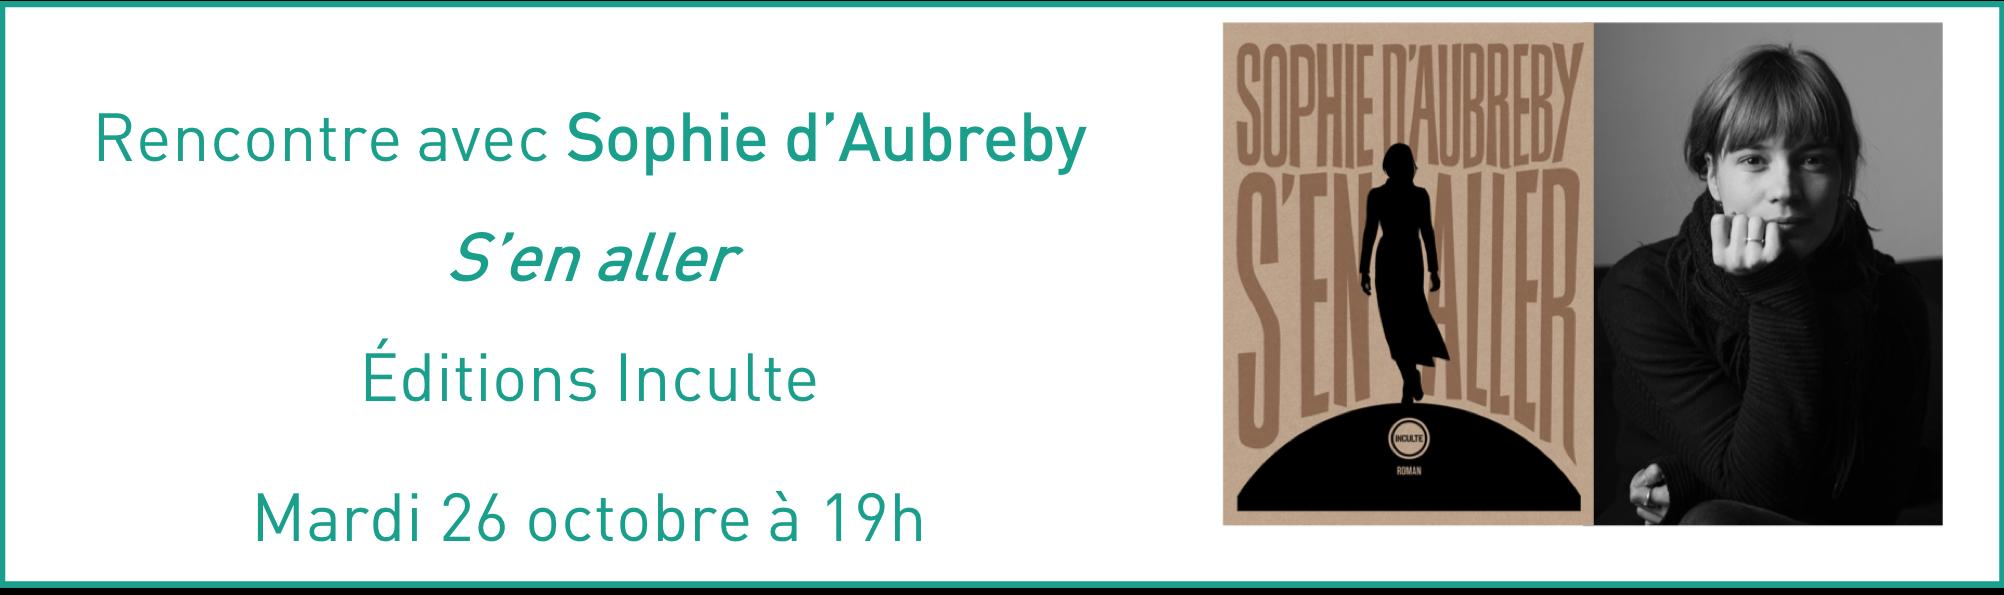 Sophie d'Abreby